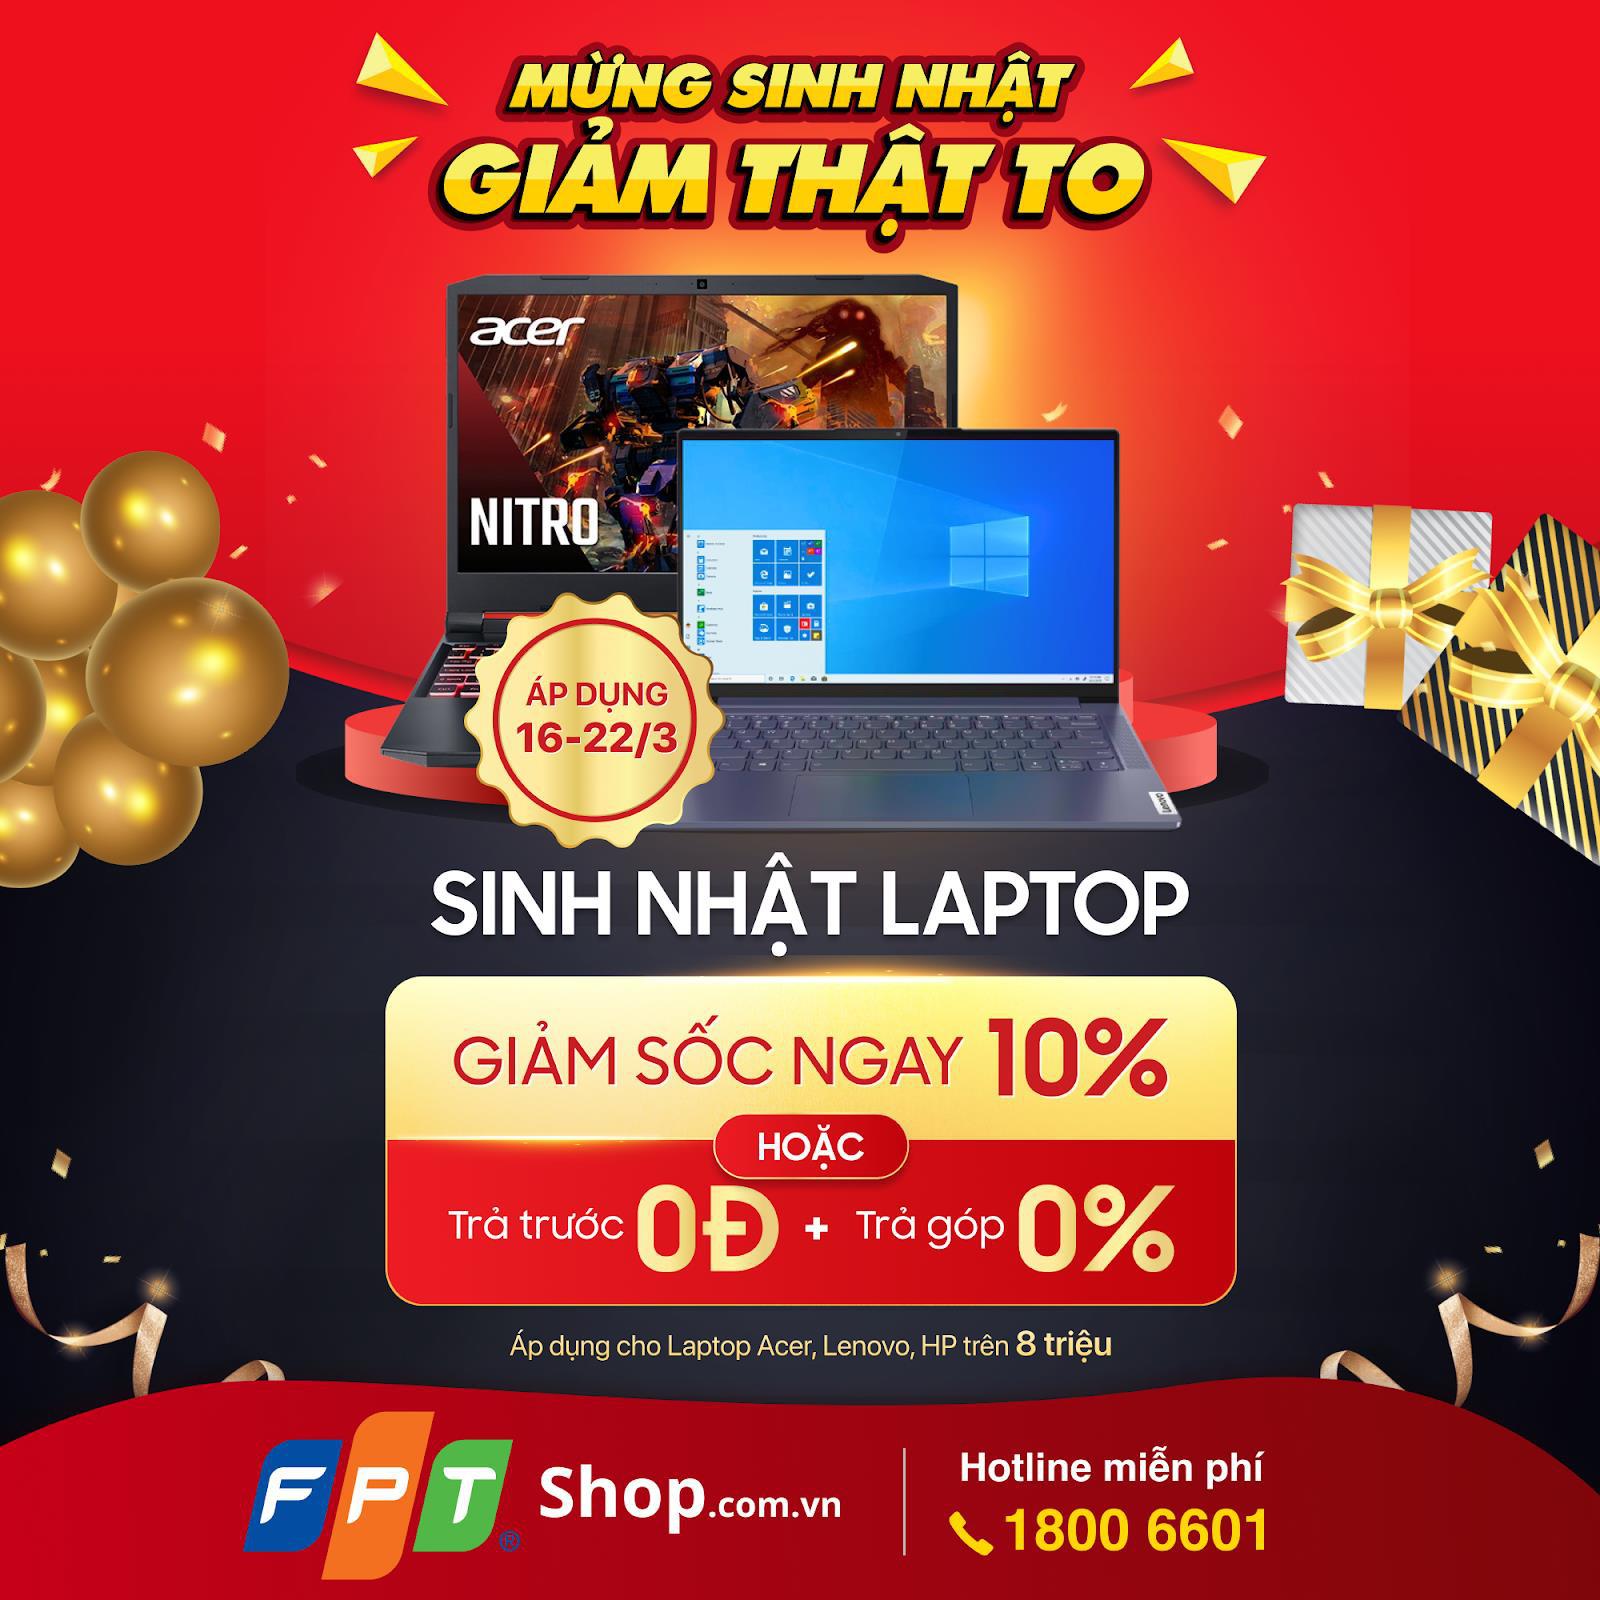 FPT Shop giảm 10% hàng trăm mẫu laptop - Ảnh 2.